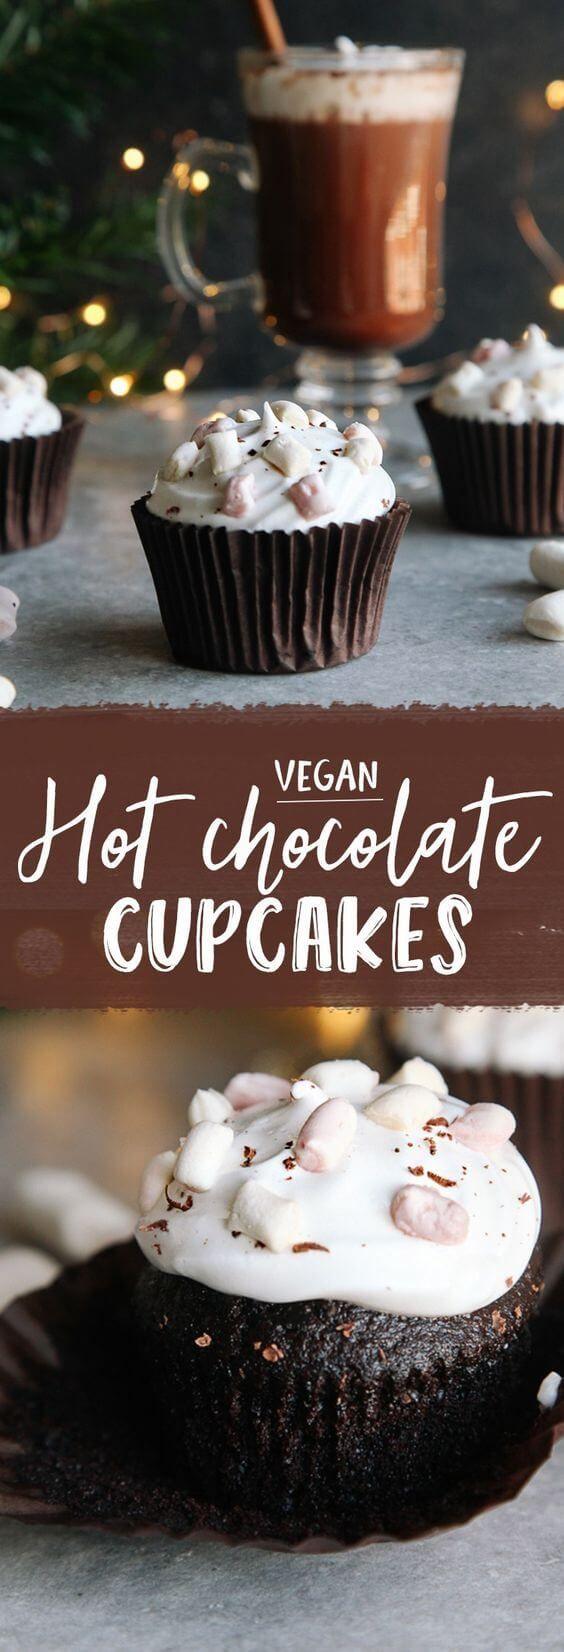 nice Hot Chocolate Cupcakes (Vegan)